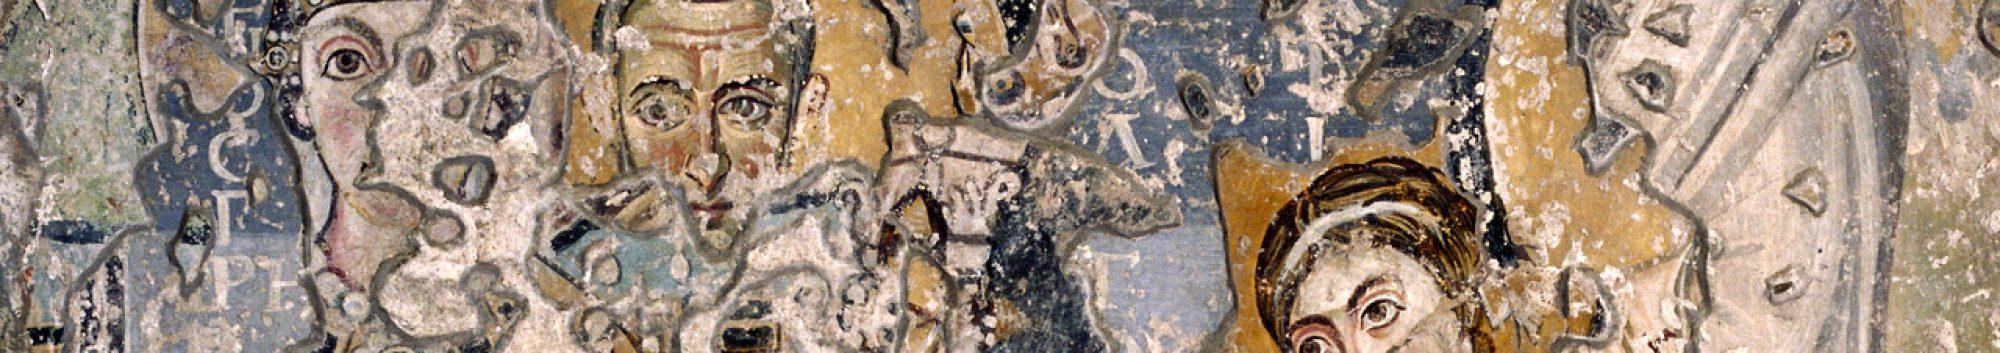 Palimpsestuous